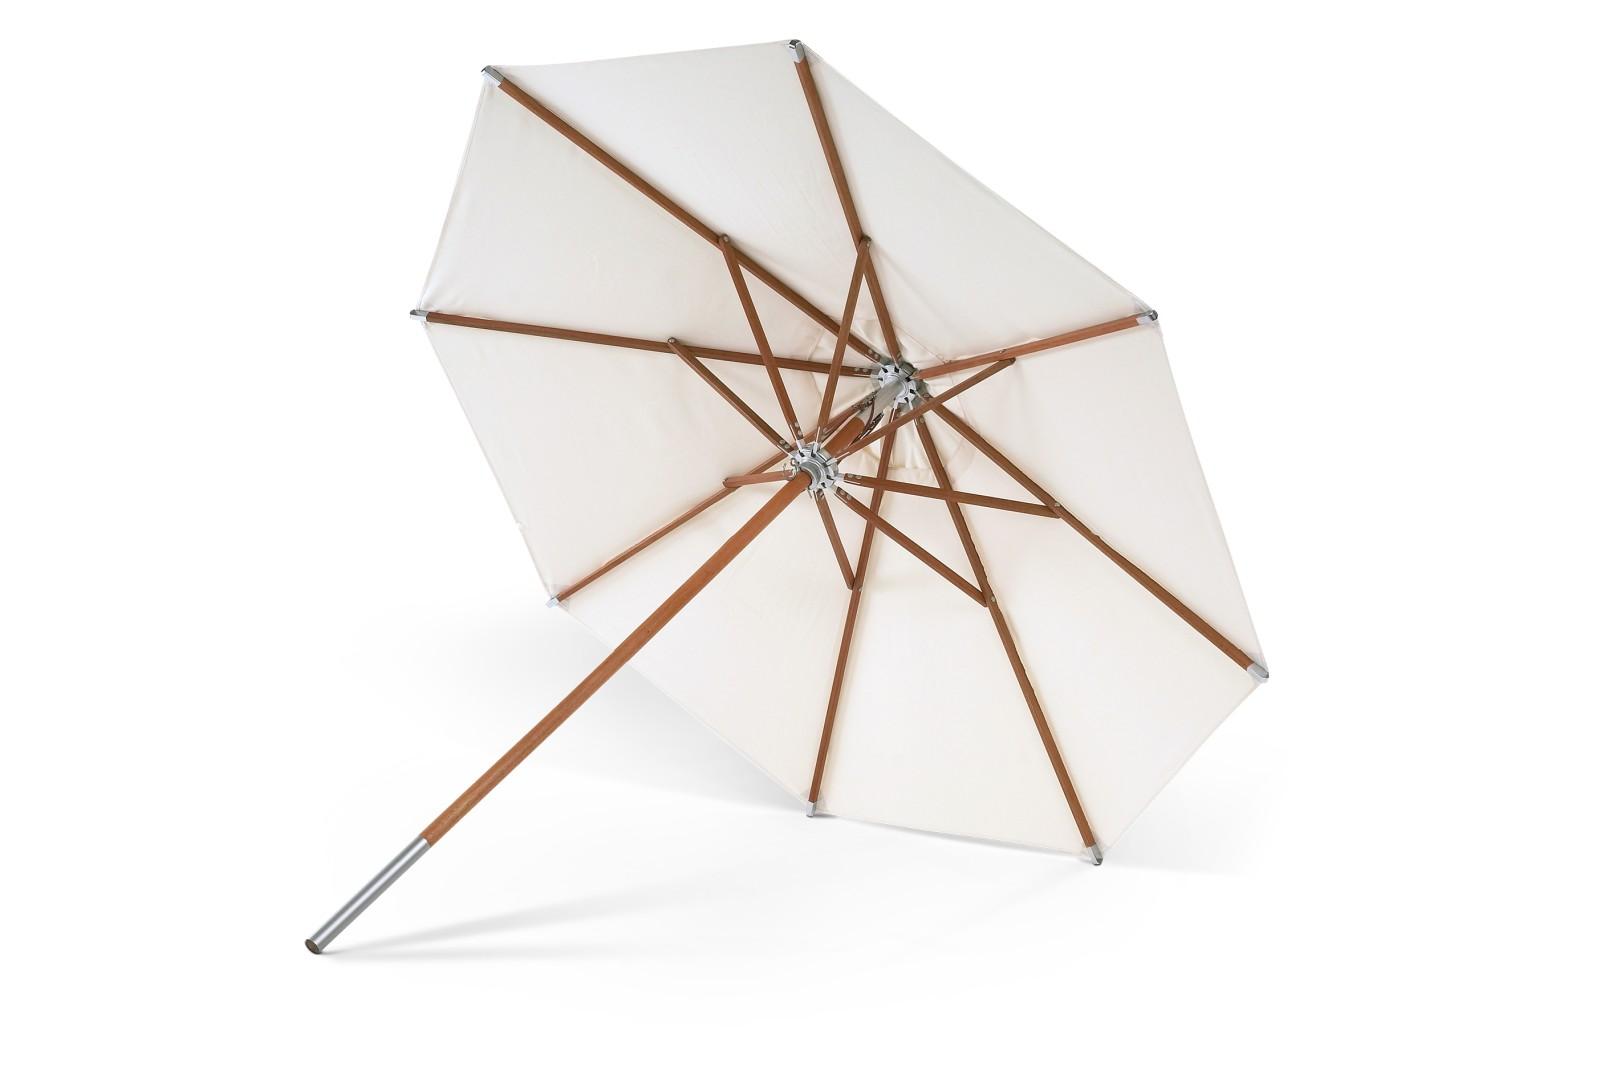 Atlantis Round Umbrella Foot - not included